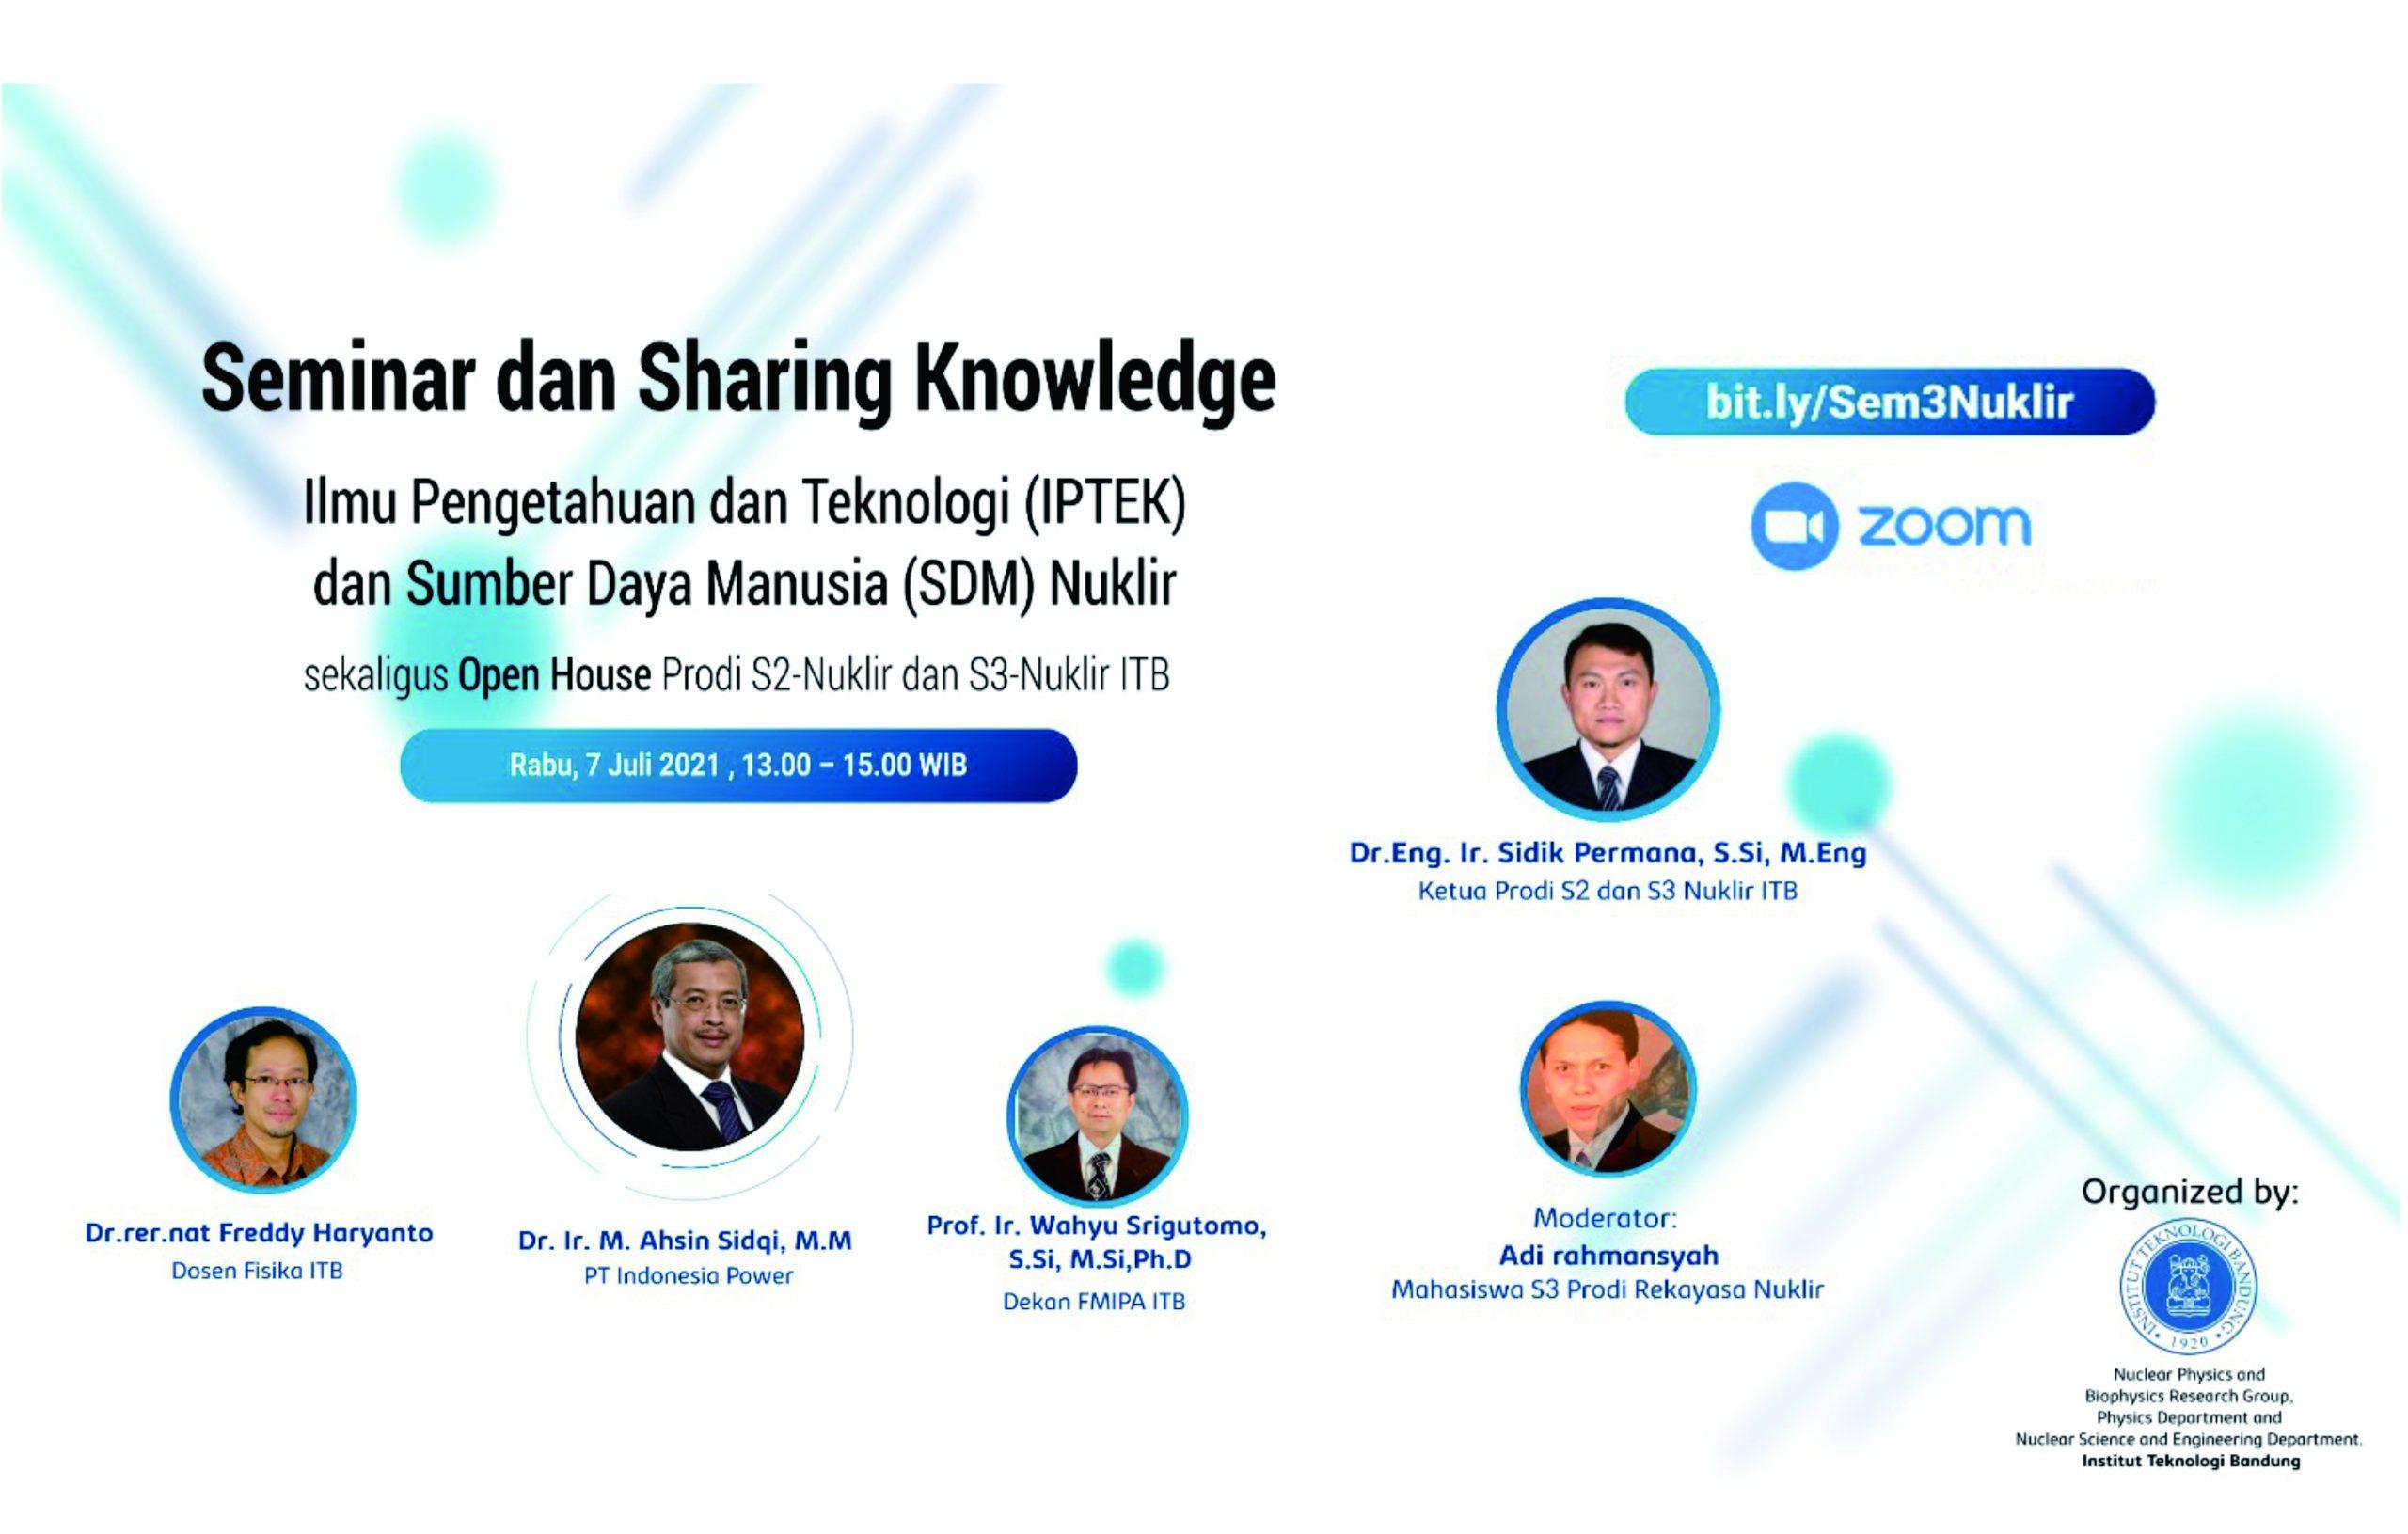 Seminar dan Sharing Knowledge